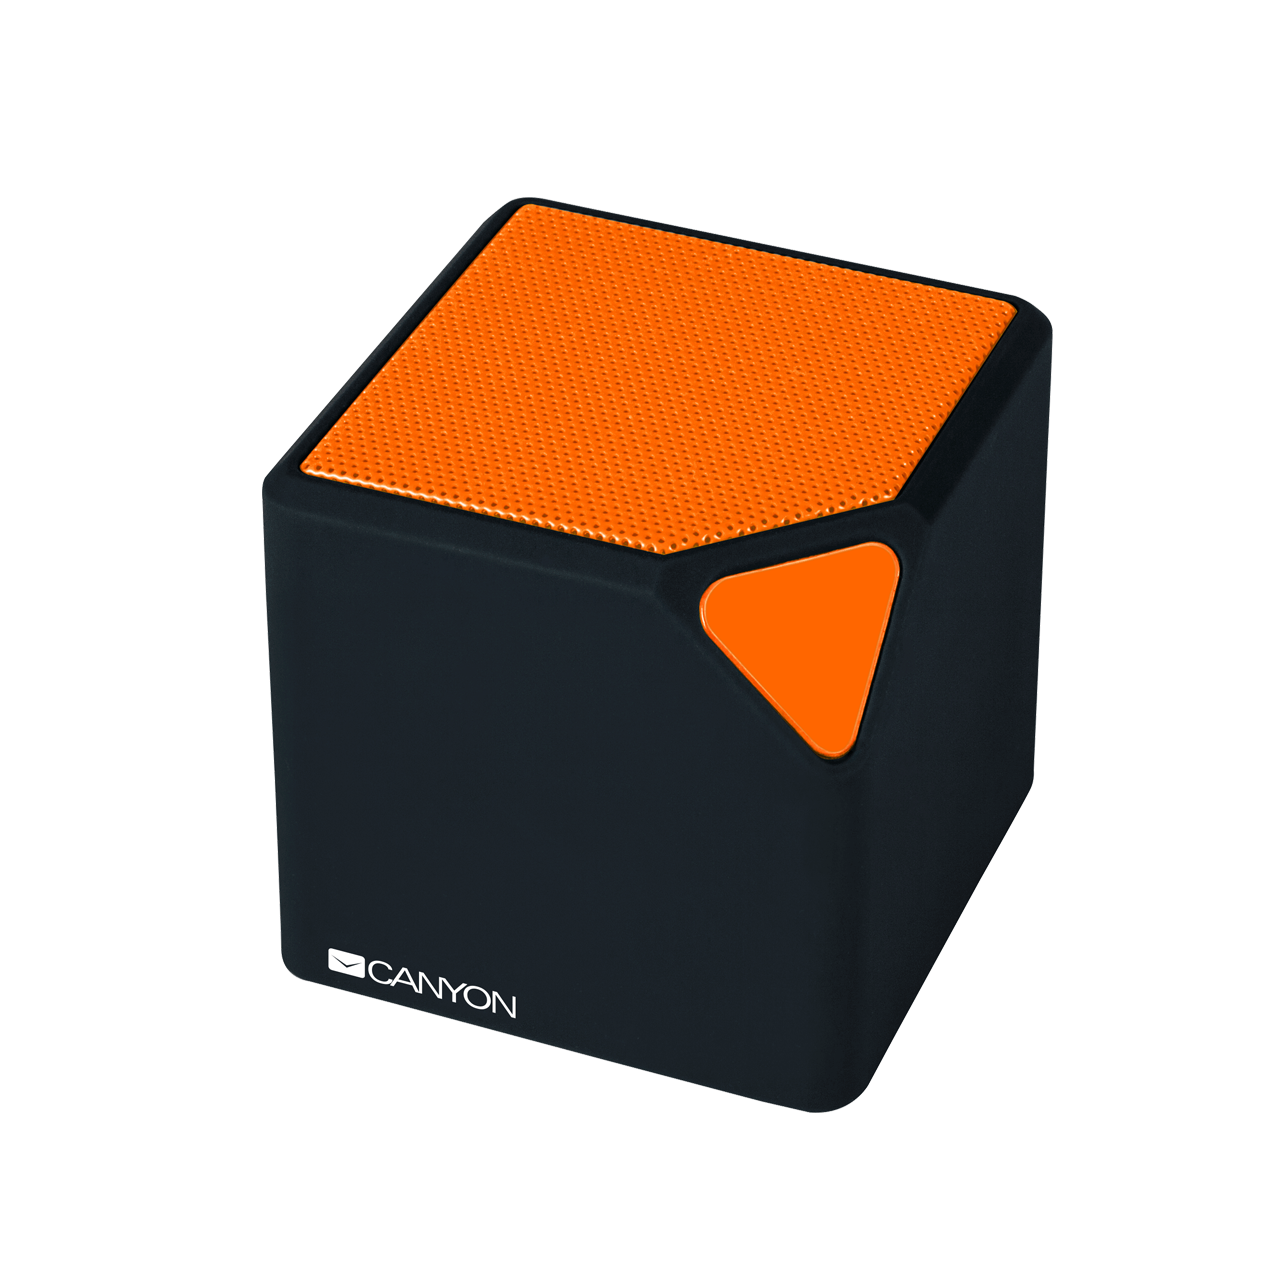 Boxa portabila Canyon CNE-CBTSP2BO Bluetooth Portocaliu